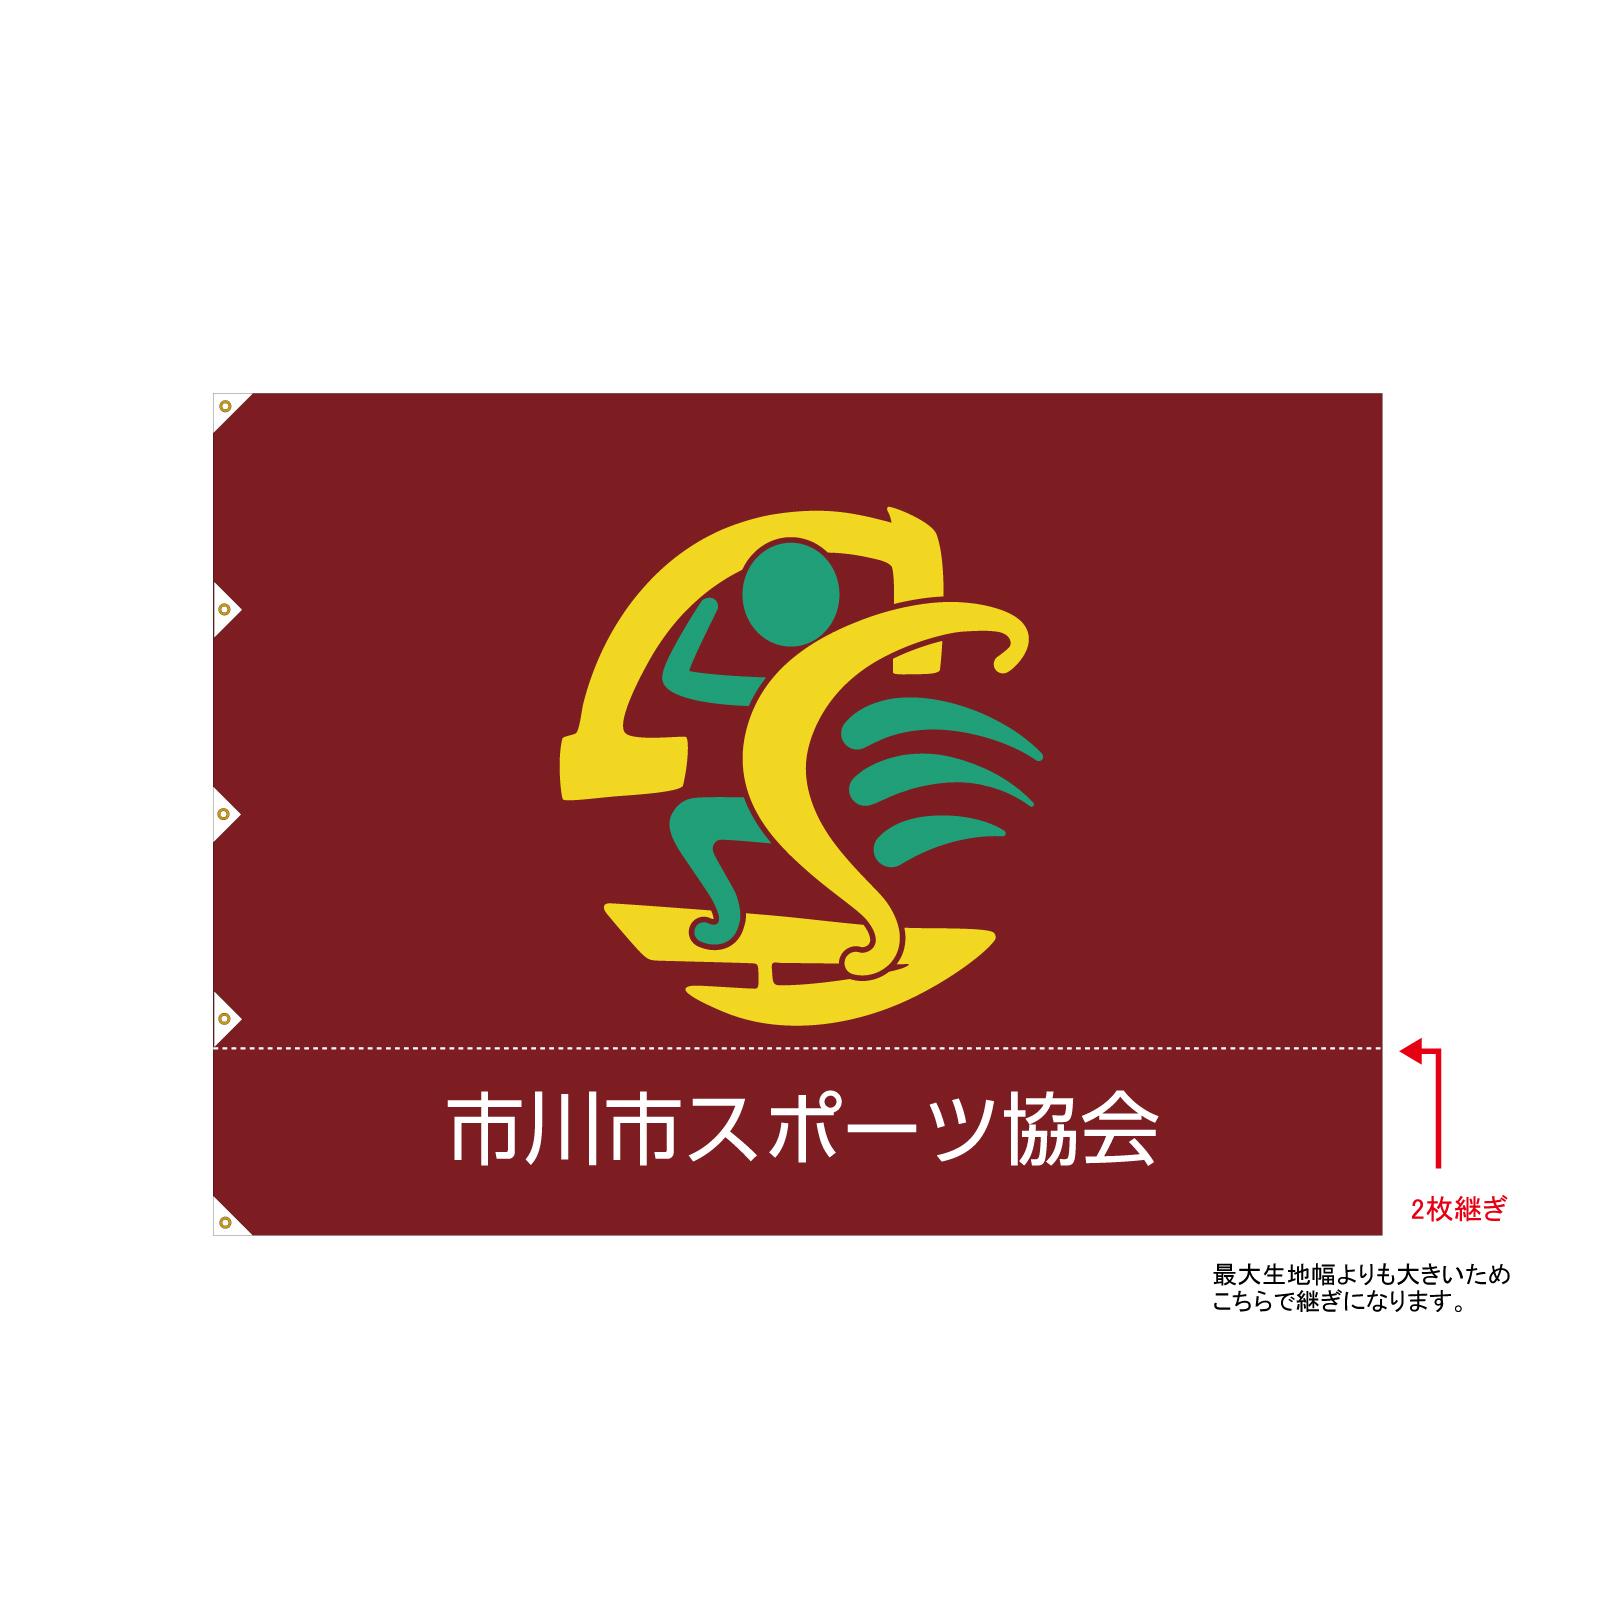 スポーツ協会の社旗